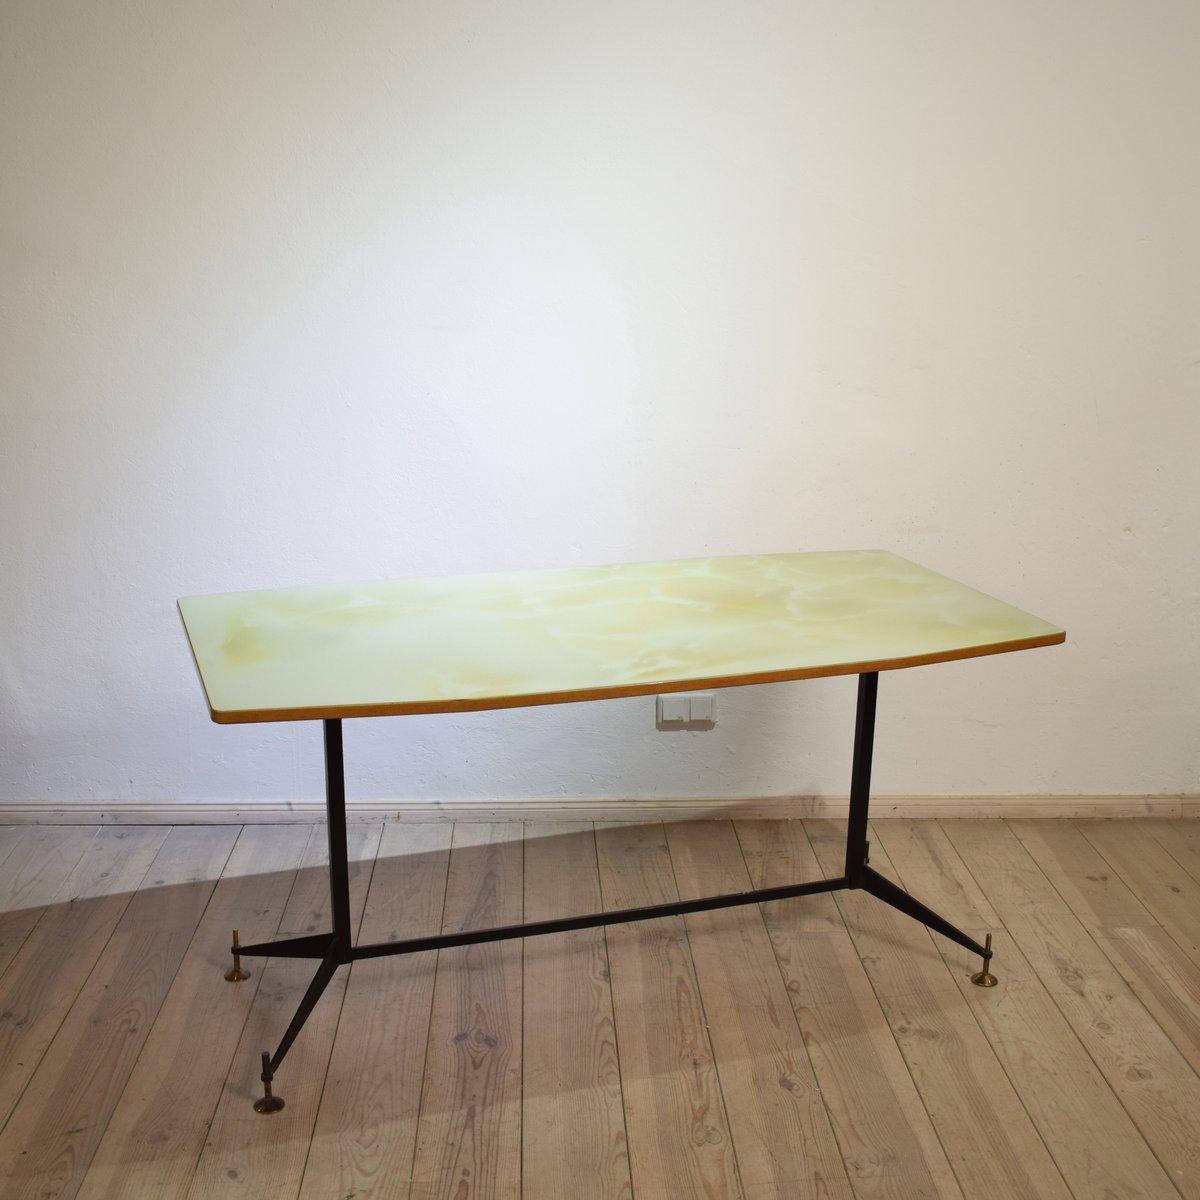 italienischer mid century ess oder schreibtisch mit glasplatte 1950er bei pamono kaufen. Black Bedroom Furniture Sets. Home Design Ideas